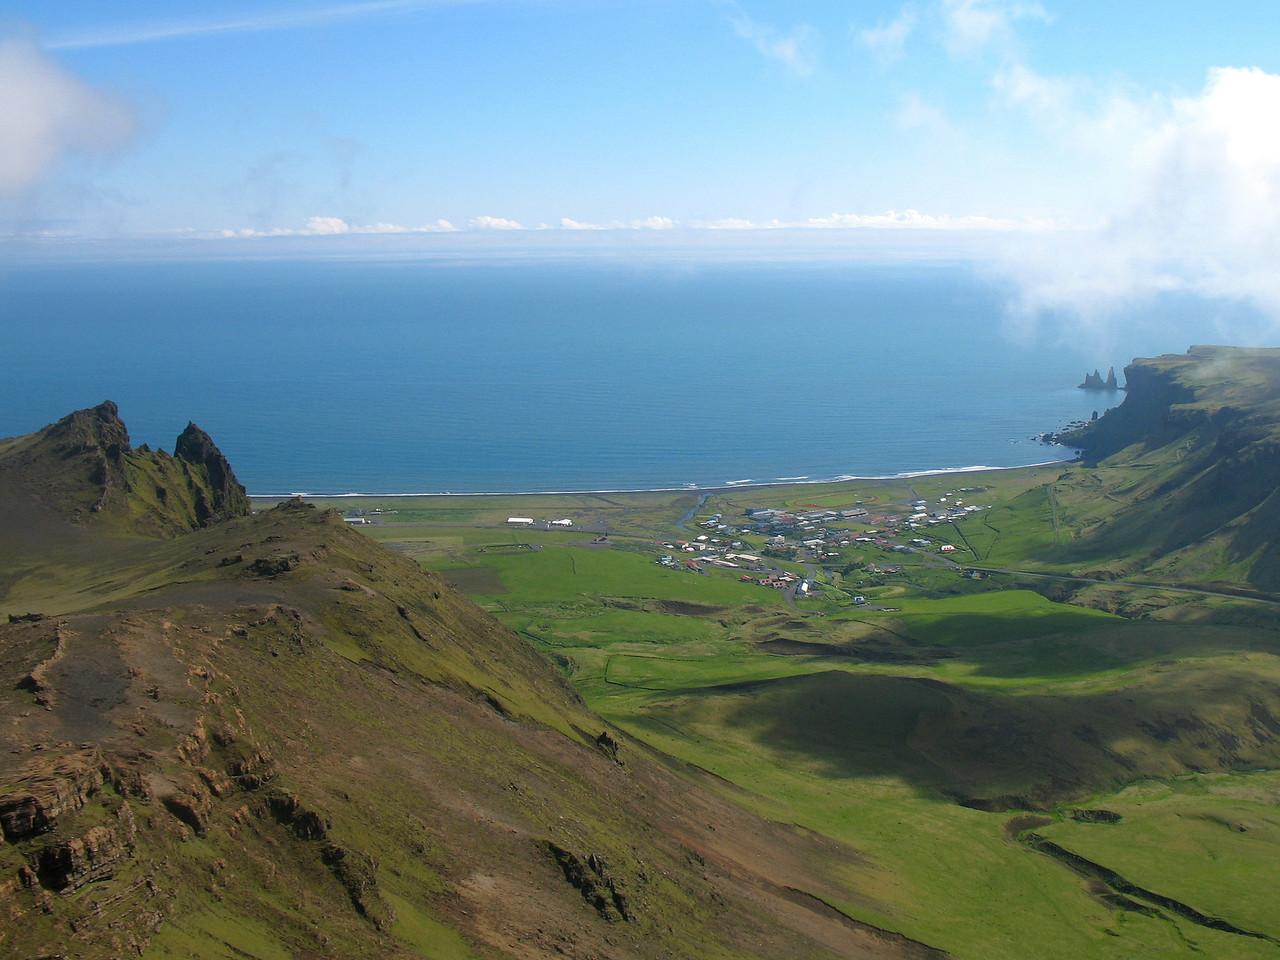 Að lokum fallegt útsýni yfir þorpið í Vík - þarna má segja að þessari ágætu helgi hafi lokið.